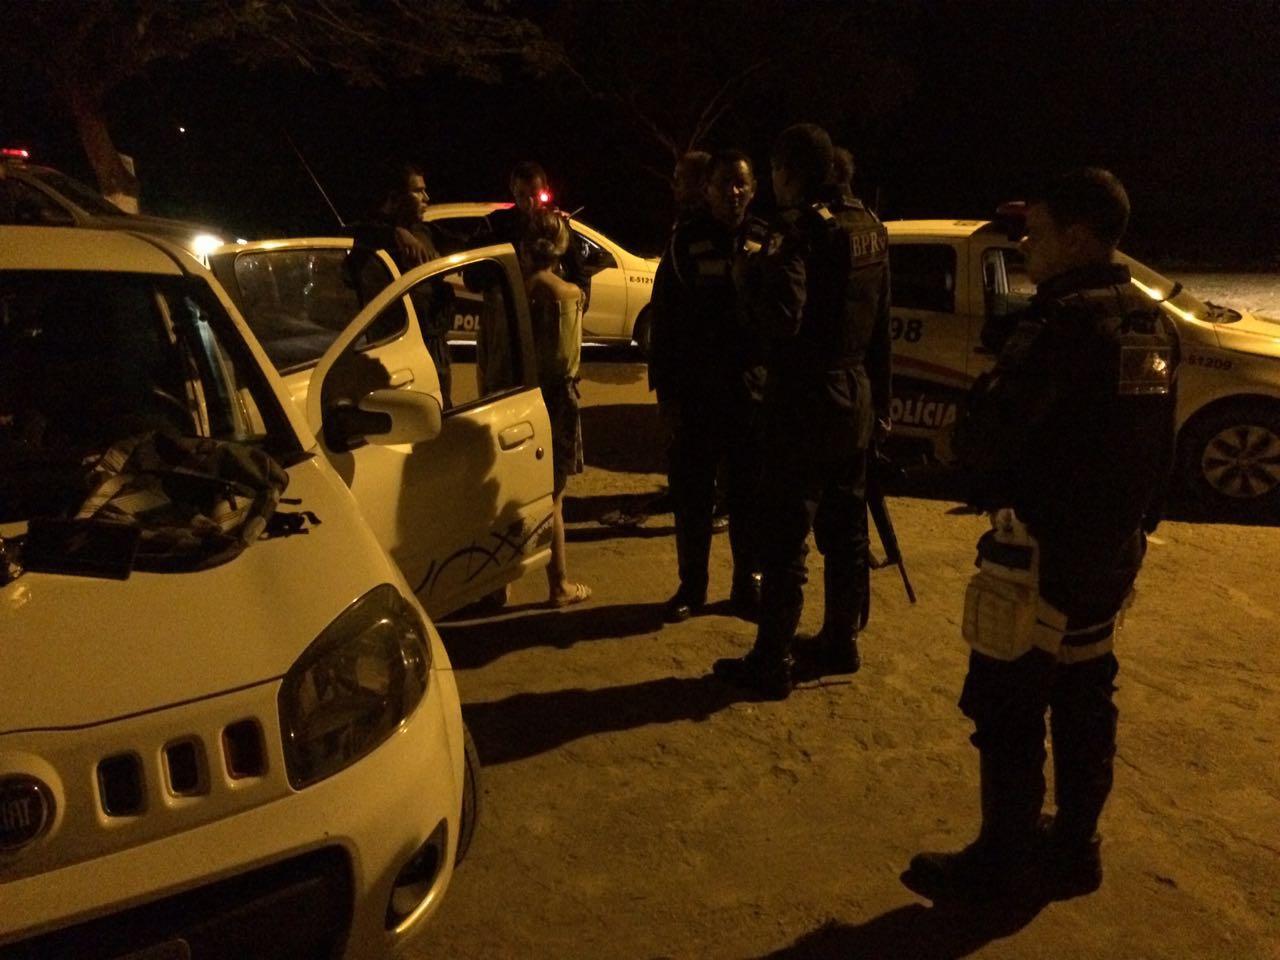 Homens sequestram mulher no momento em que saía de banco e perseguição é iniciada